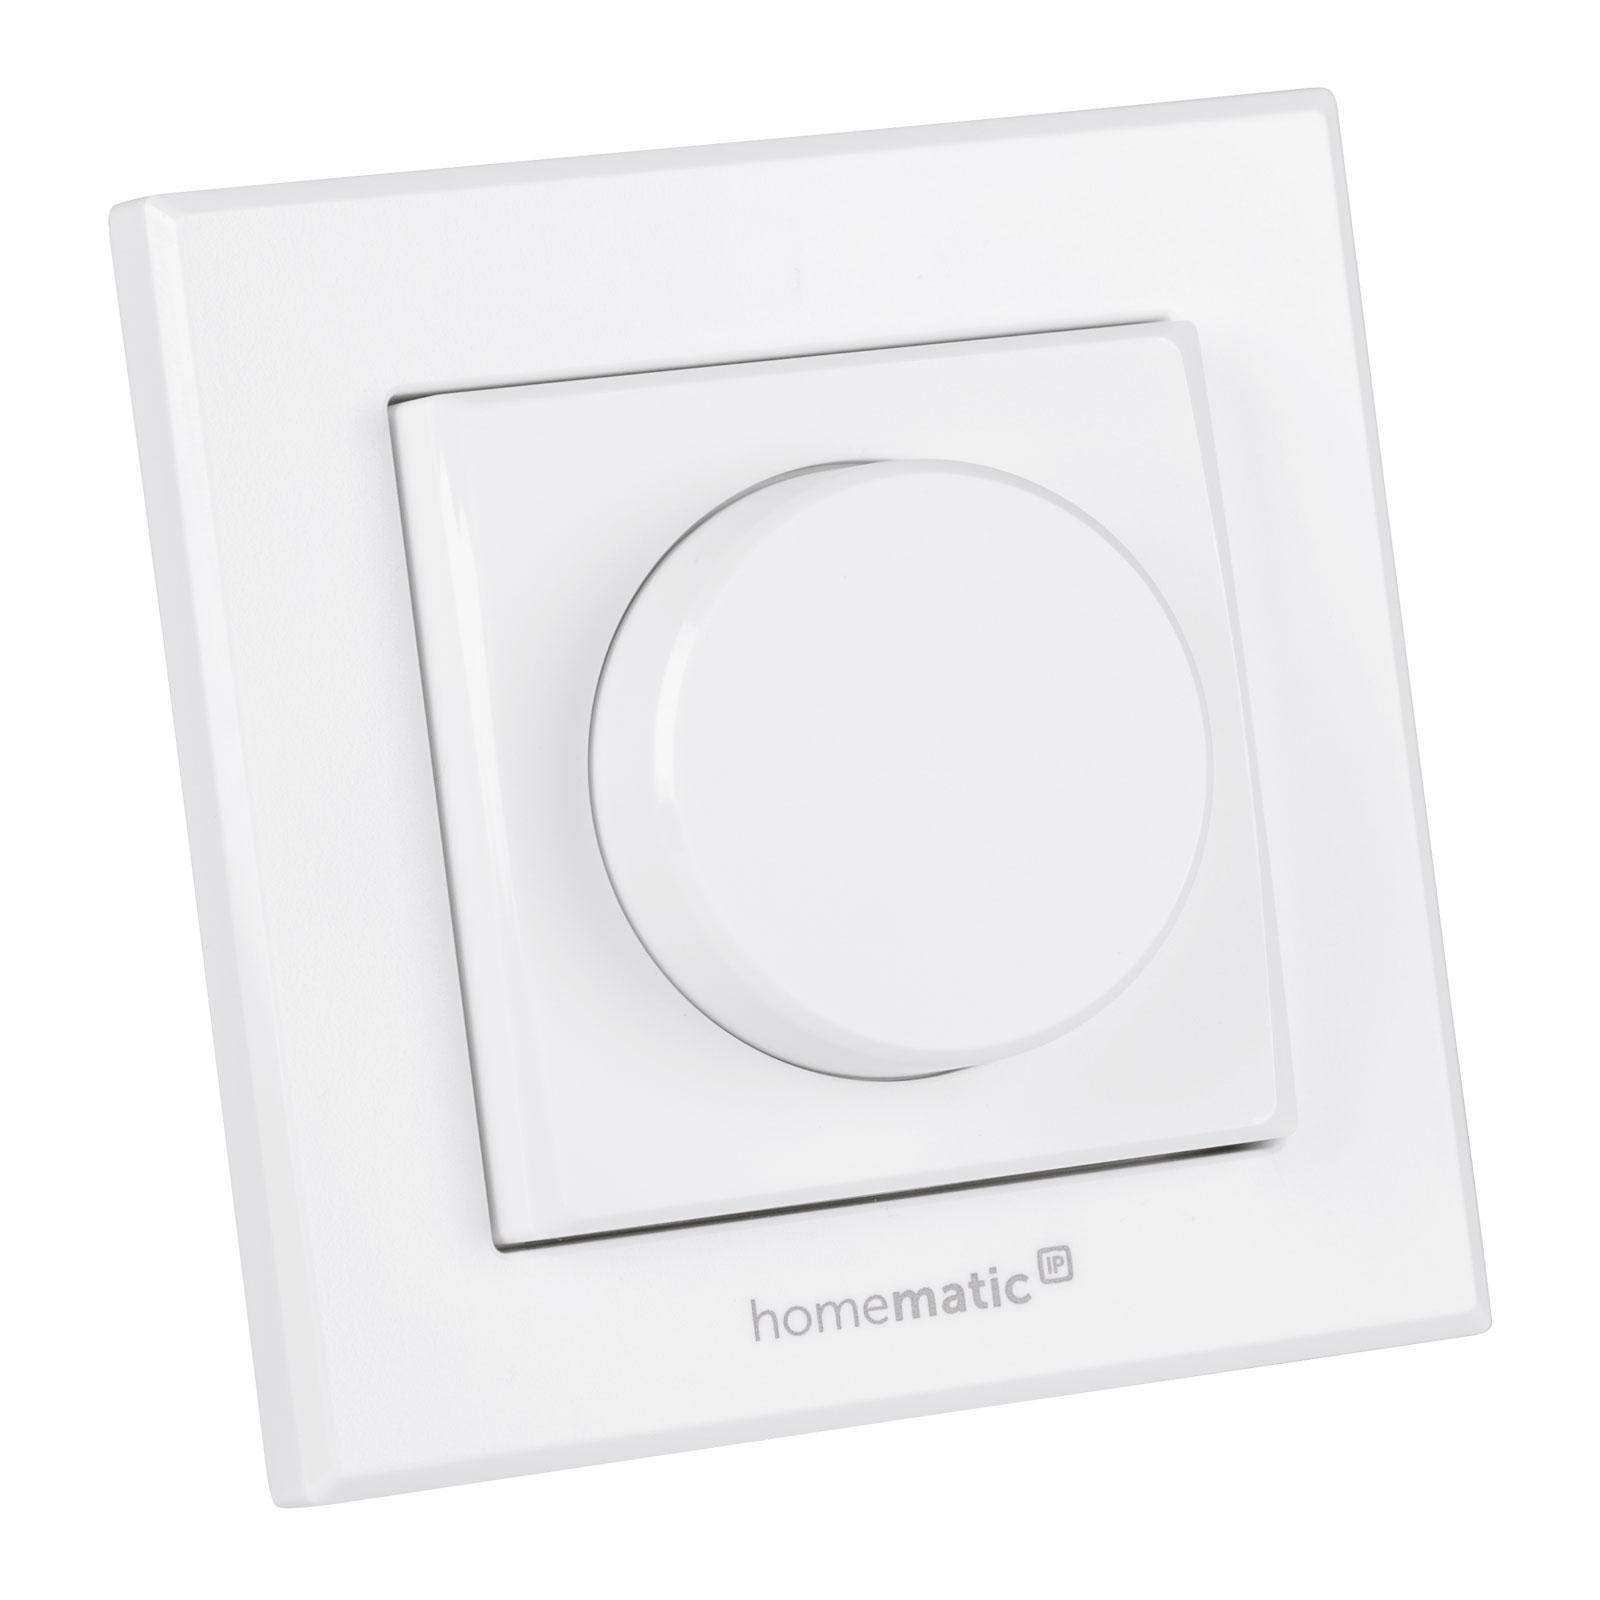 HomeMatic IP draaiknop